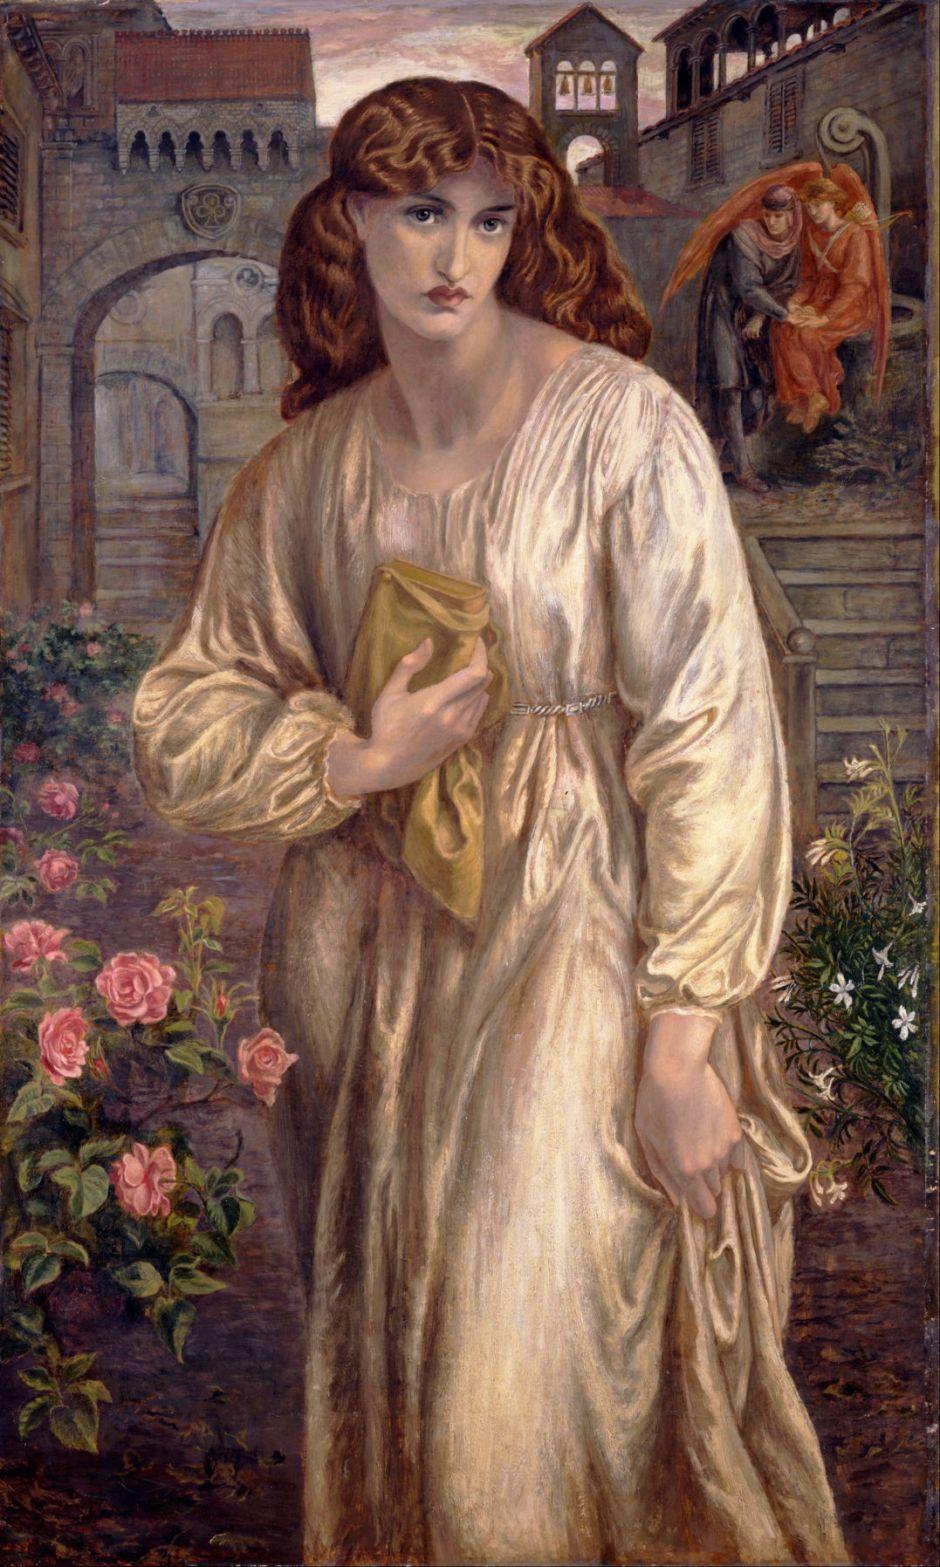 rossettisalutationbeatrice1880